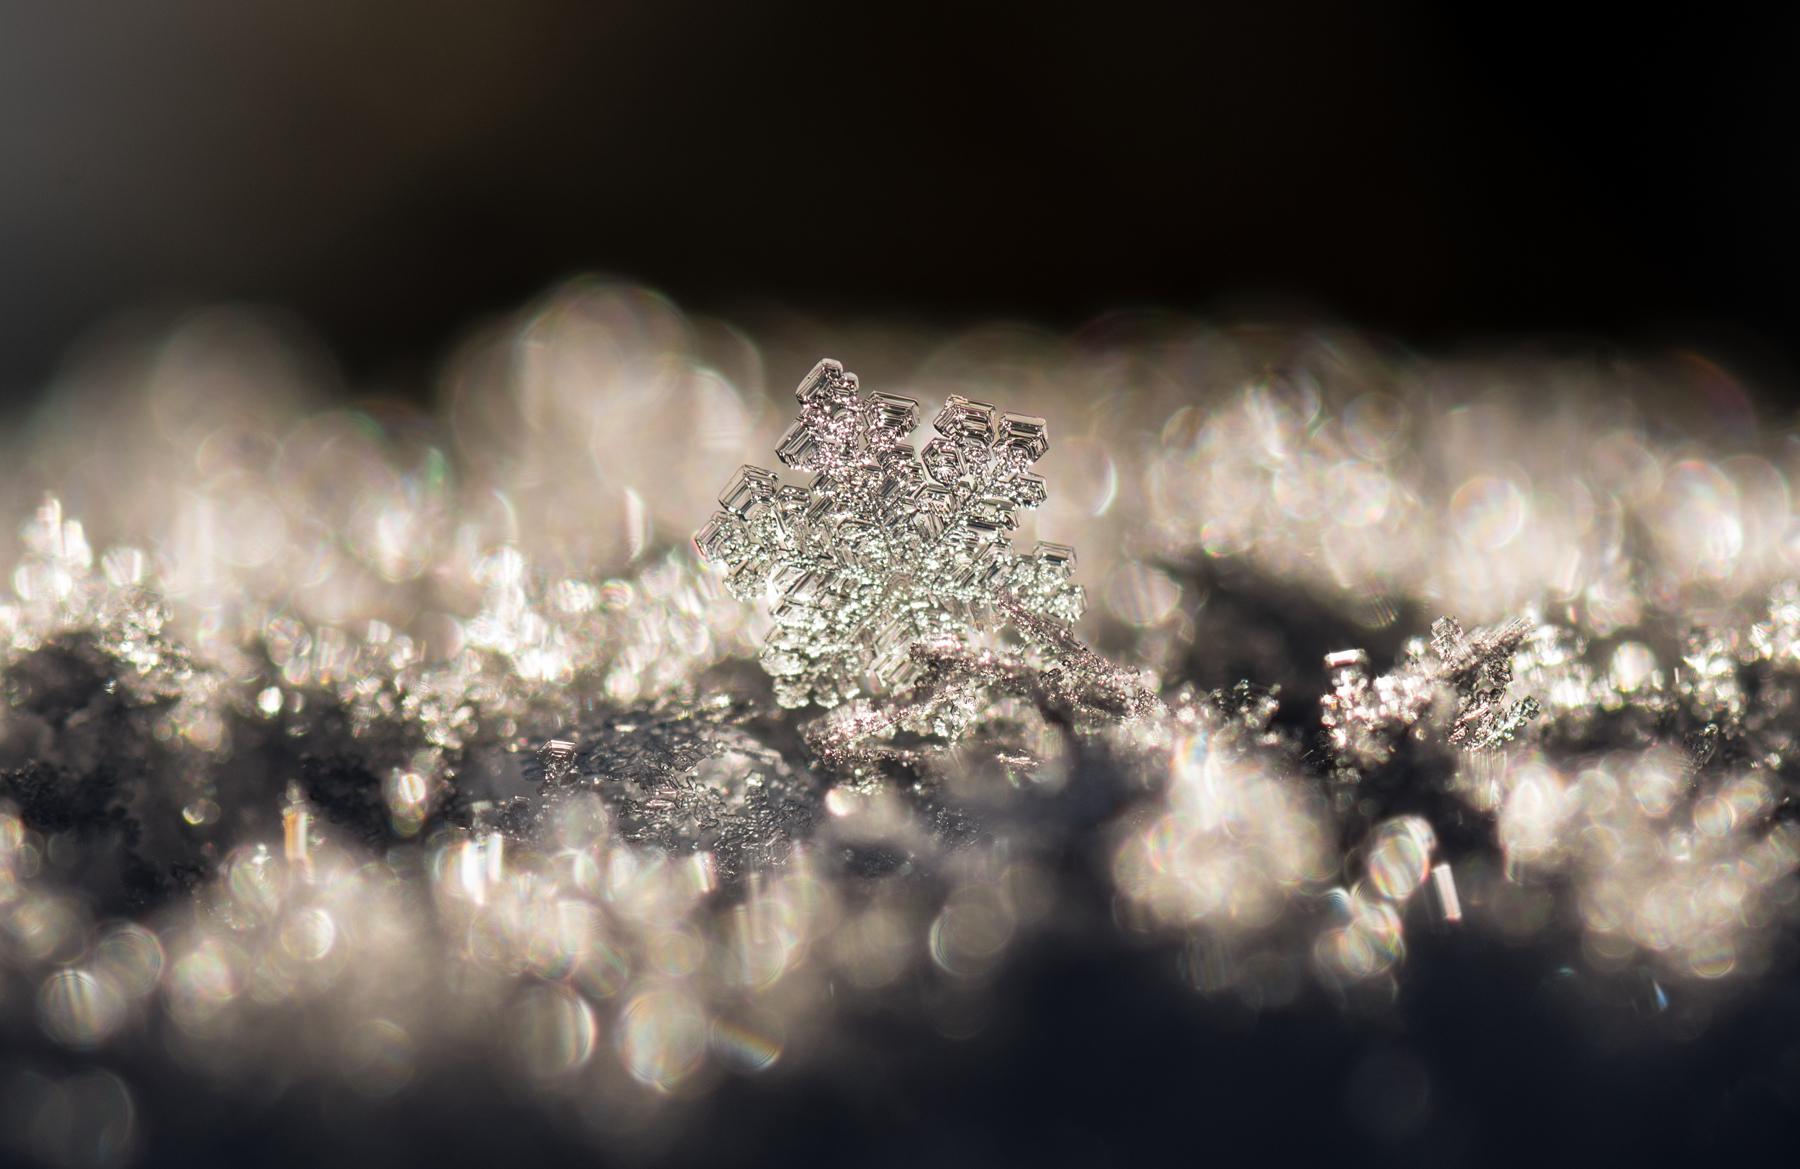 Snowflake III